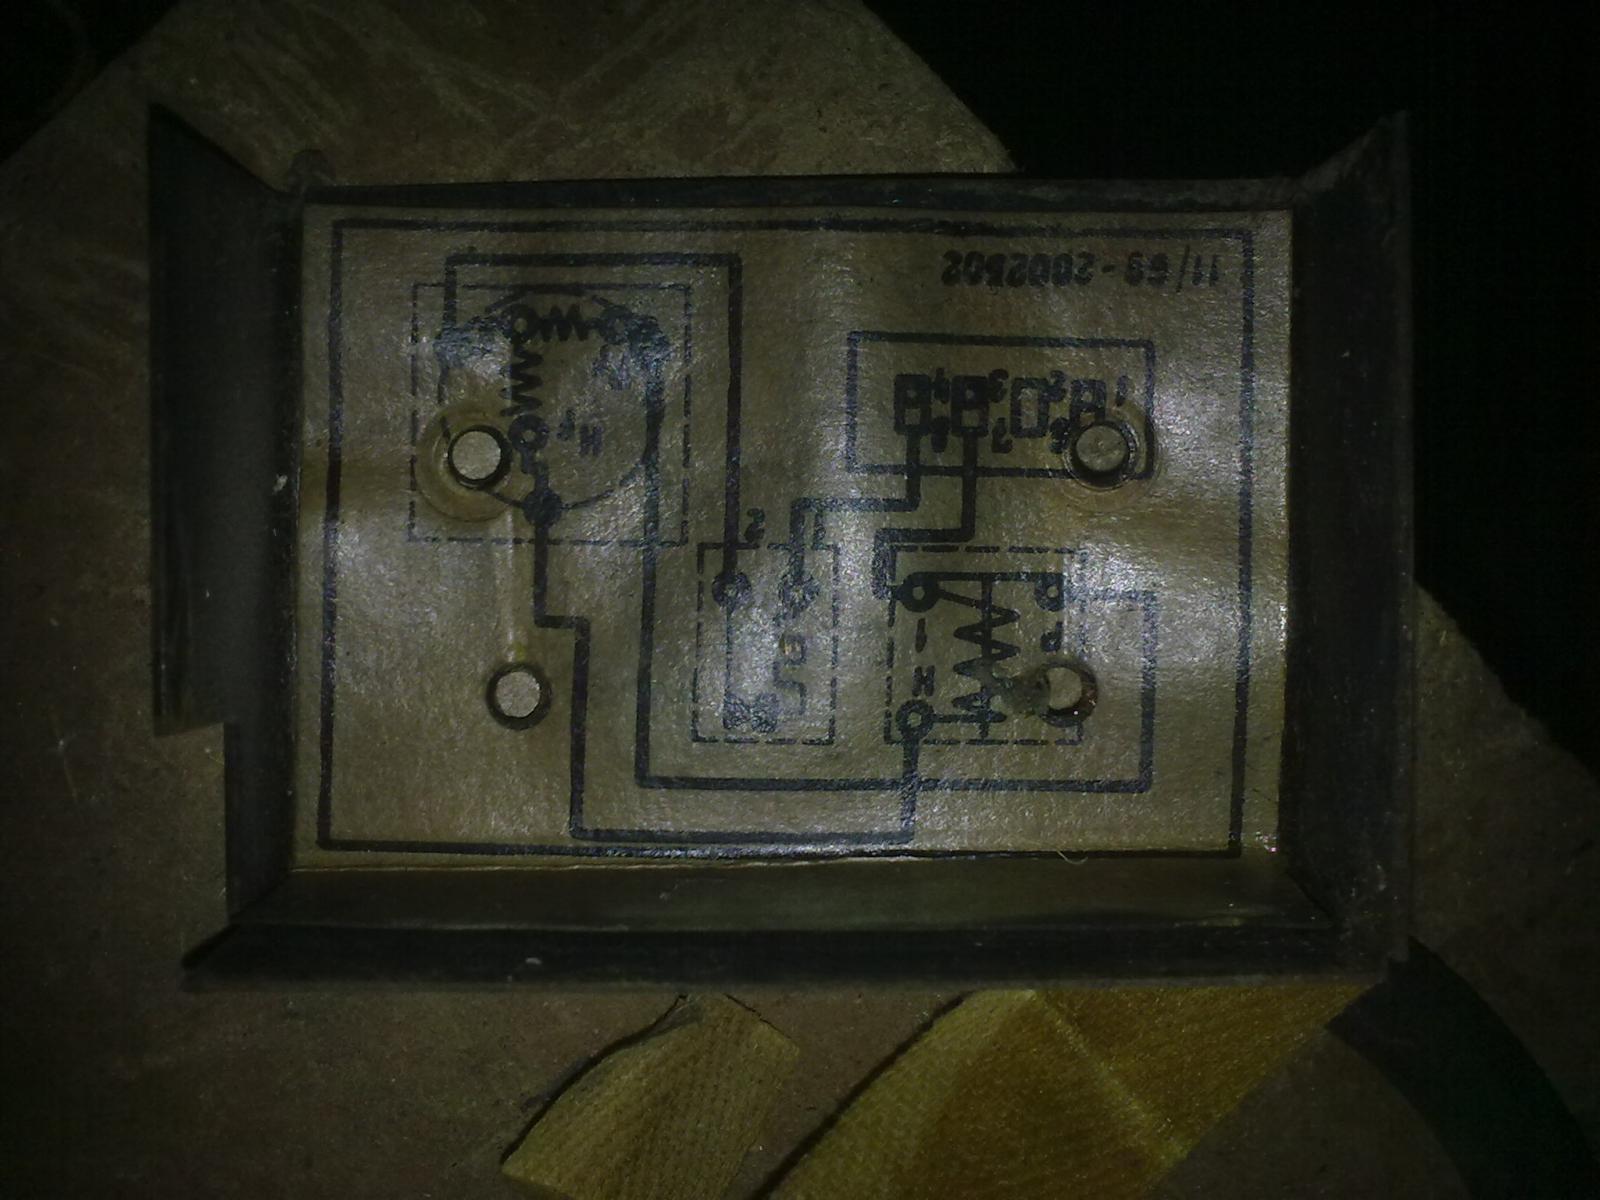 схема защиты электродвигателя от сгорания 380в